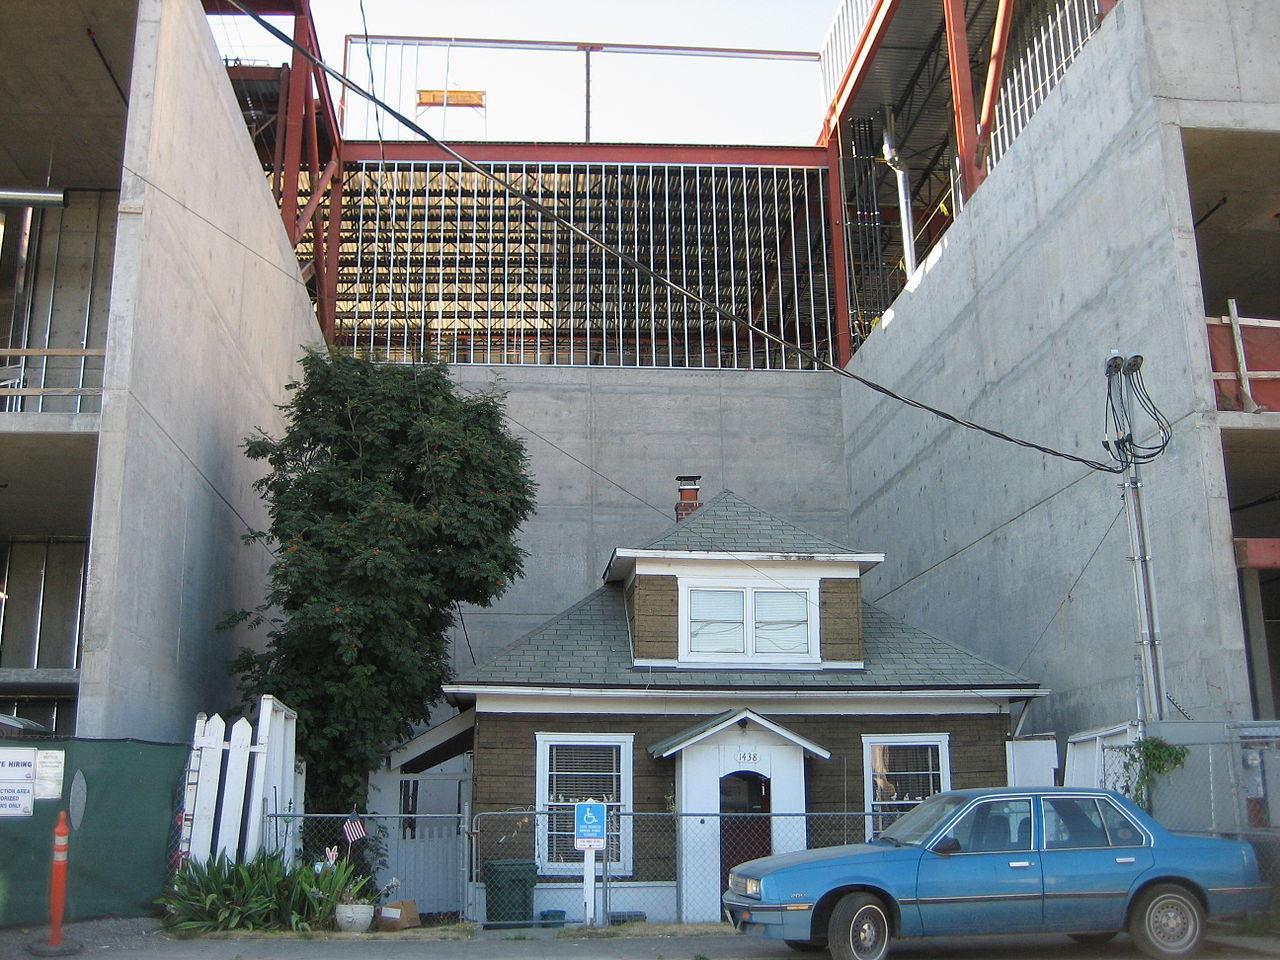 Edith Macefield's house in Seattle in 2008 (photo by Ben Tesch/Wikimedia)